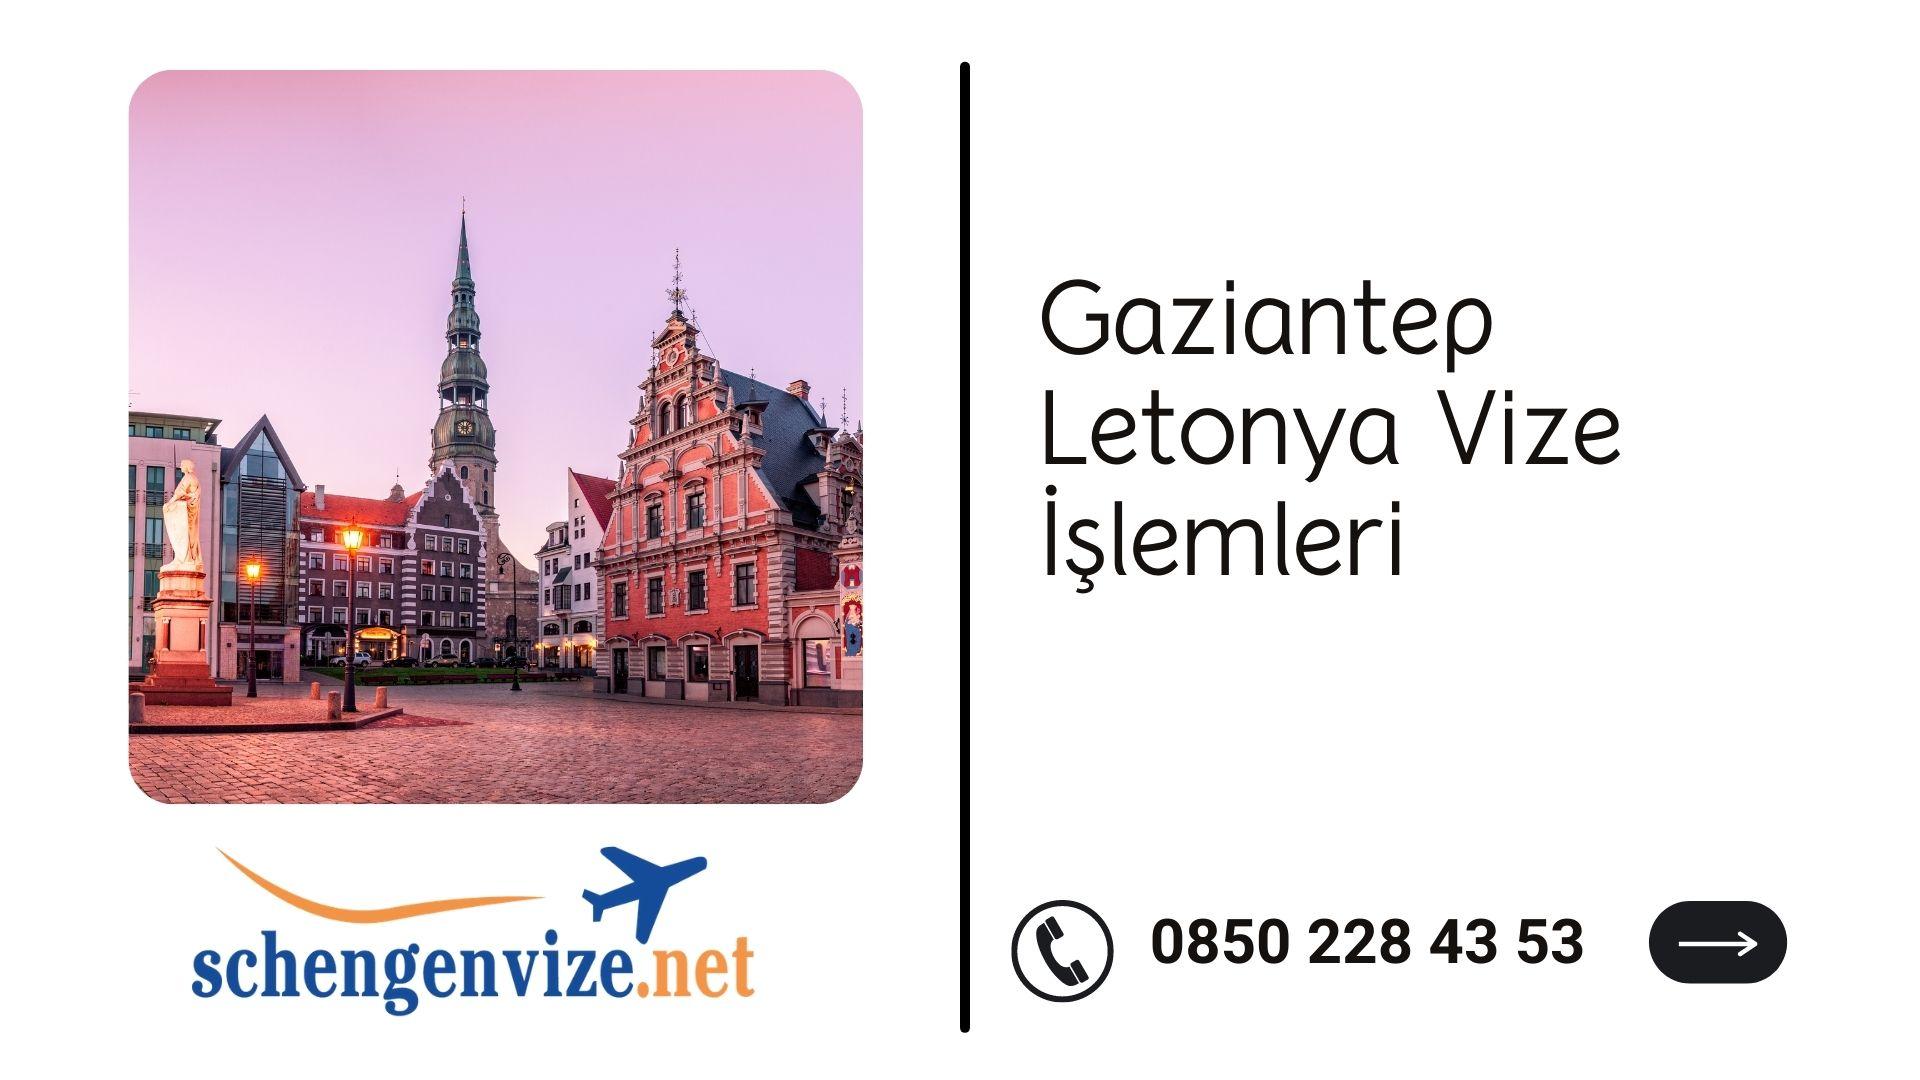 Gaziantep Letonya Vize İşlemleri